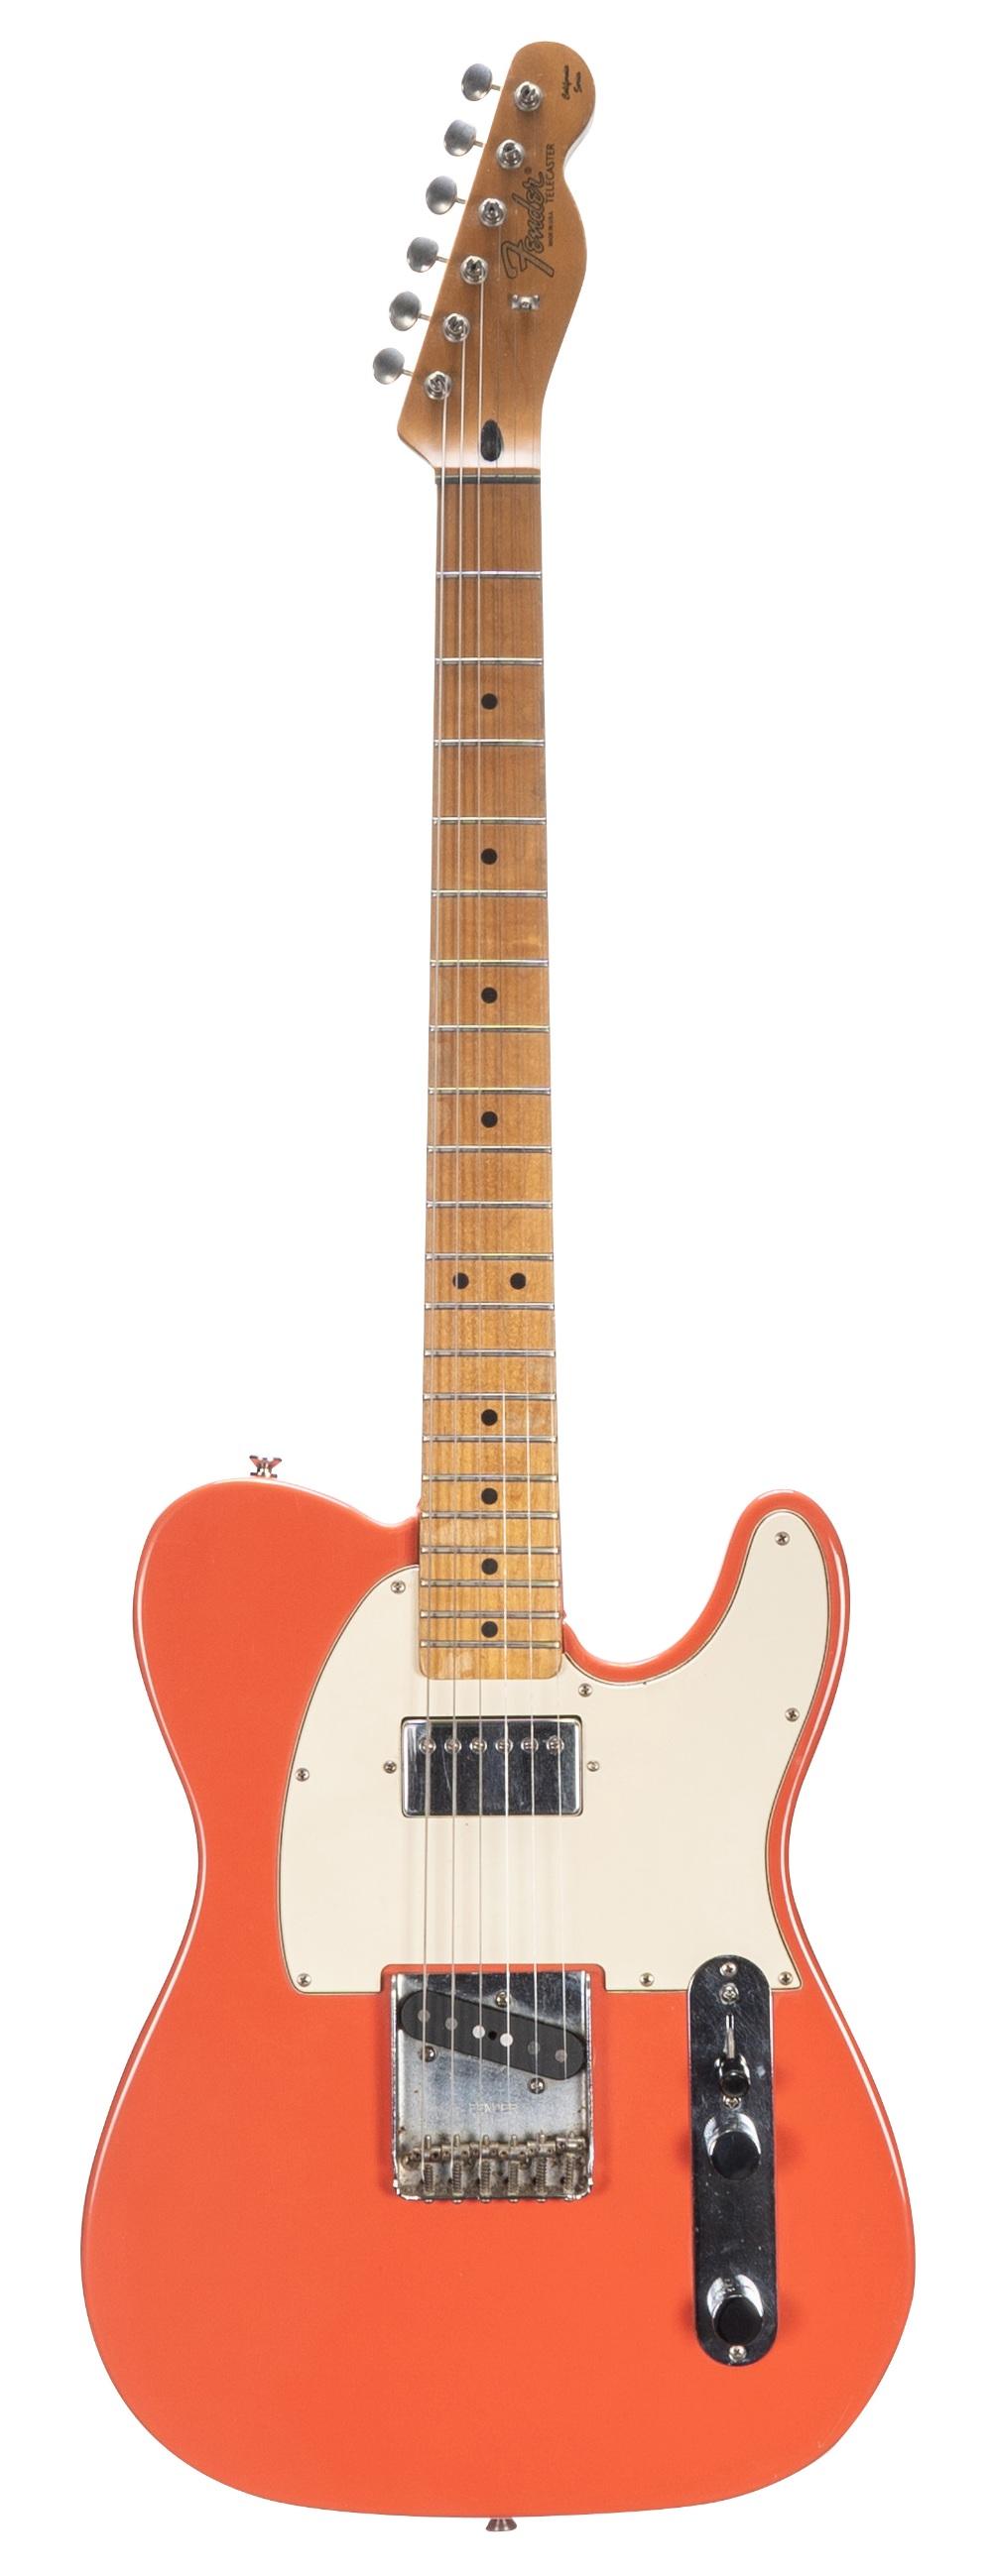 1997 Fender California Series Telecaster electric guitar, made in USA, ser. no. AMXN7xxxx5;